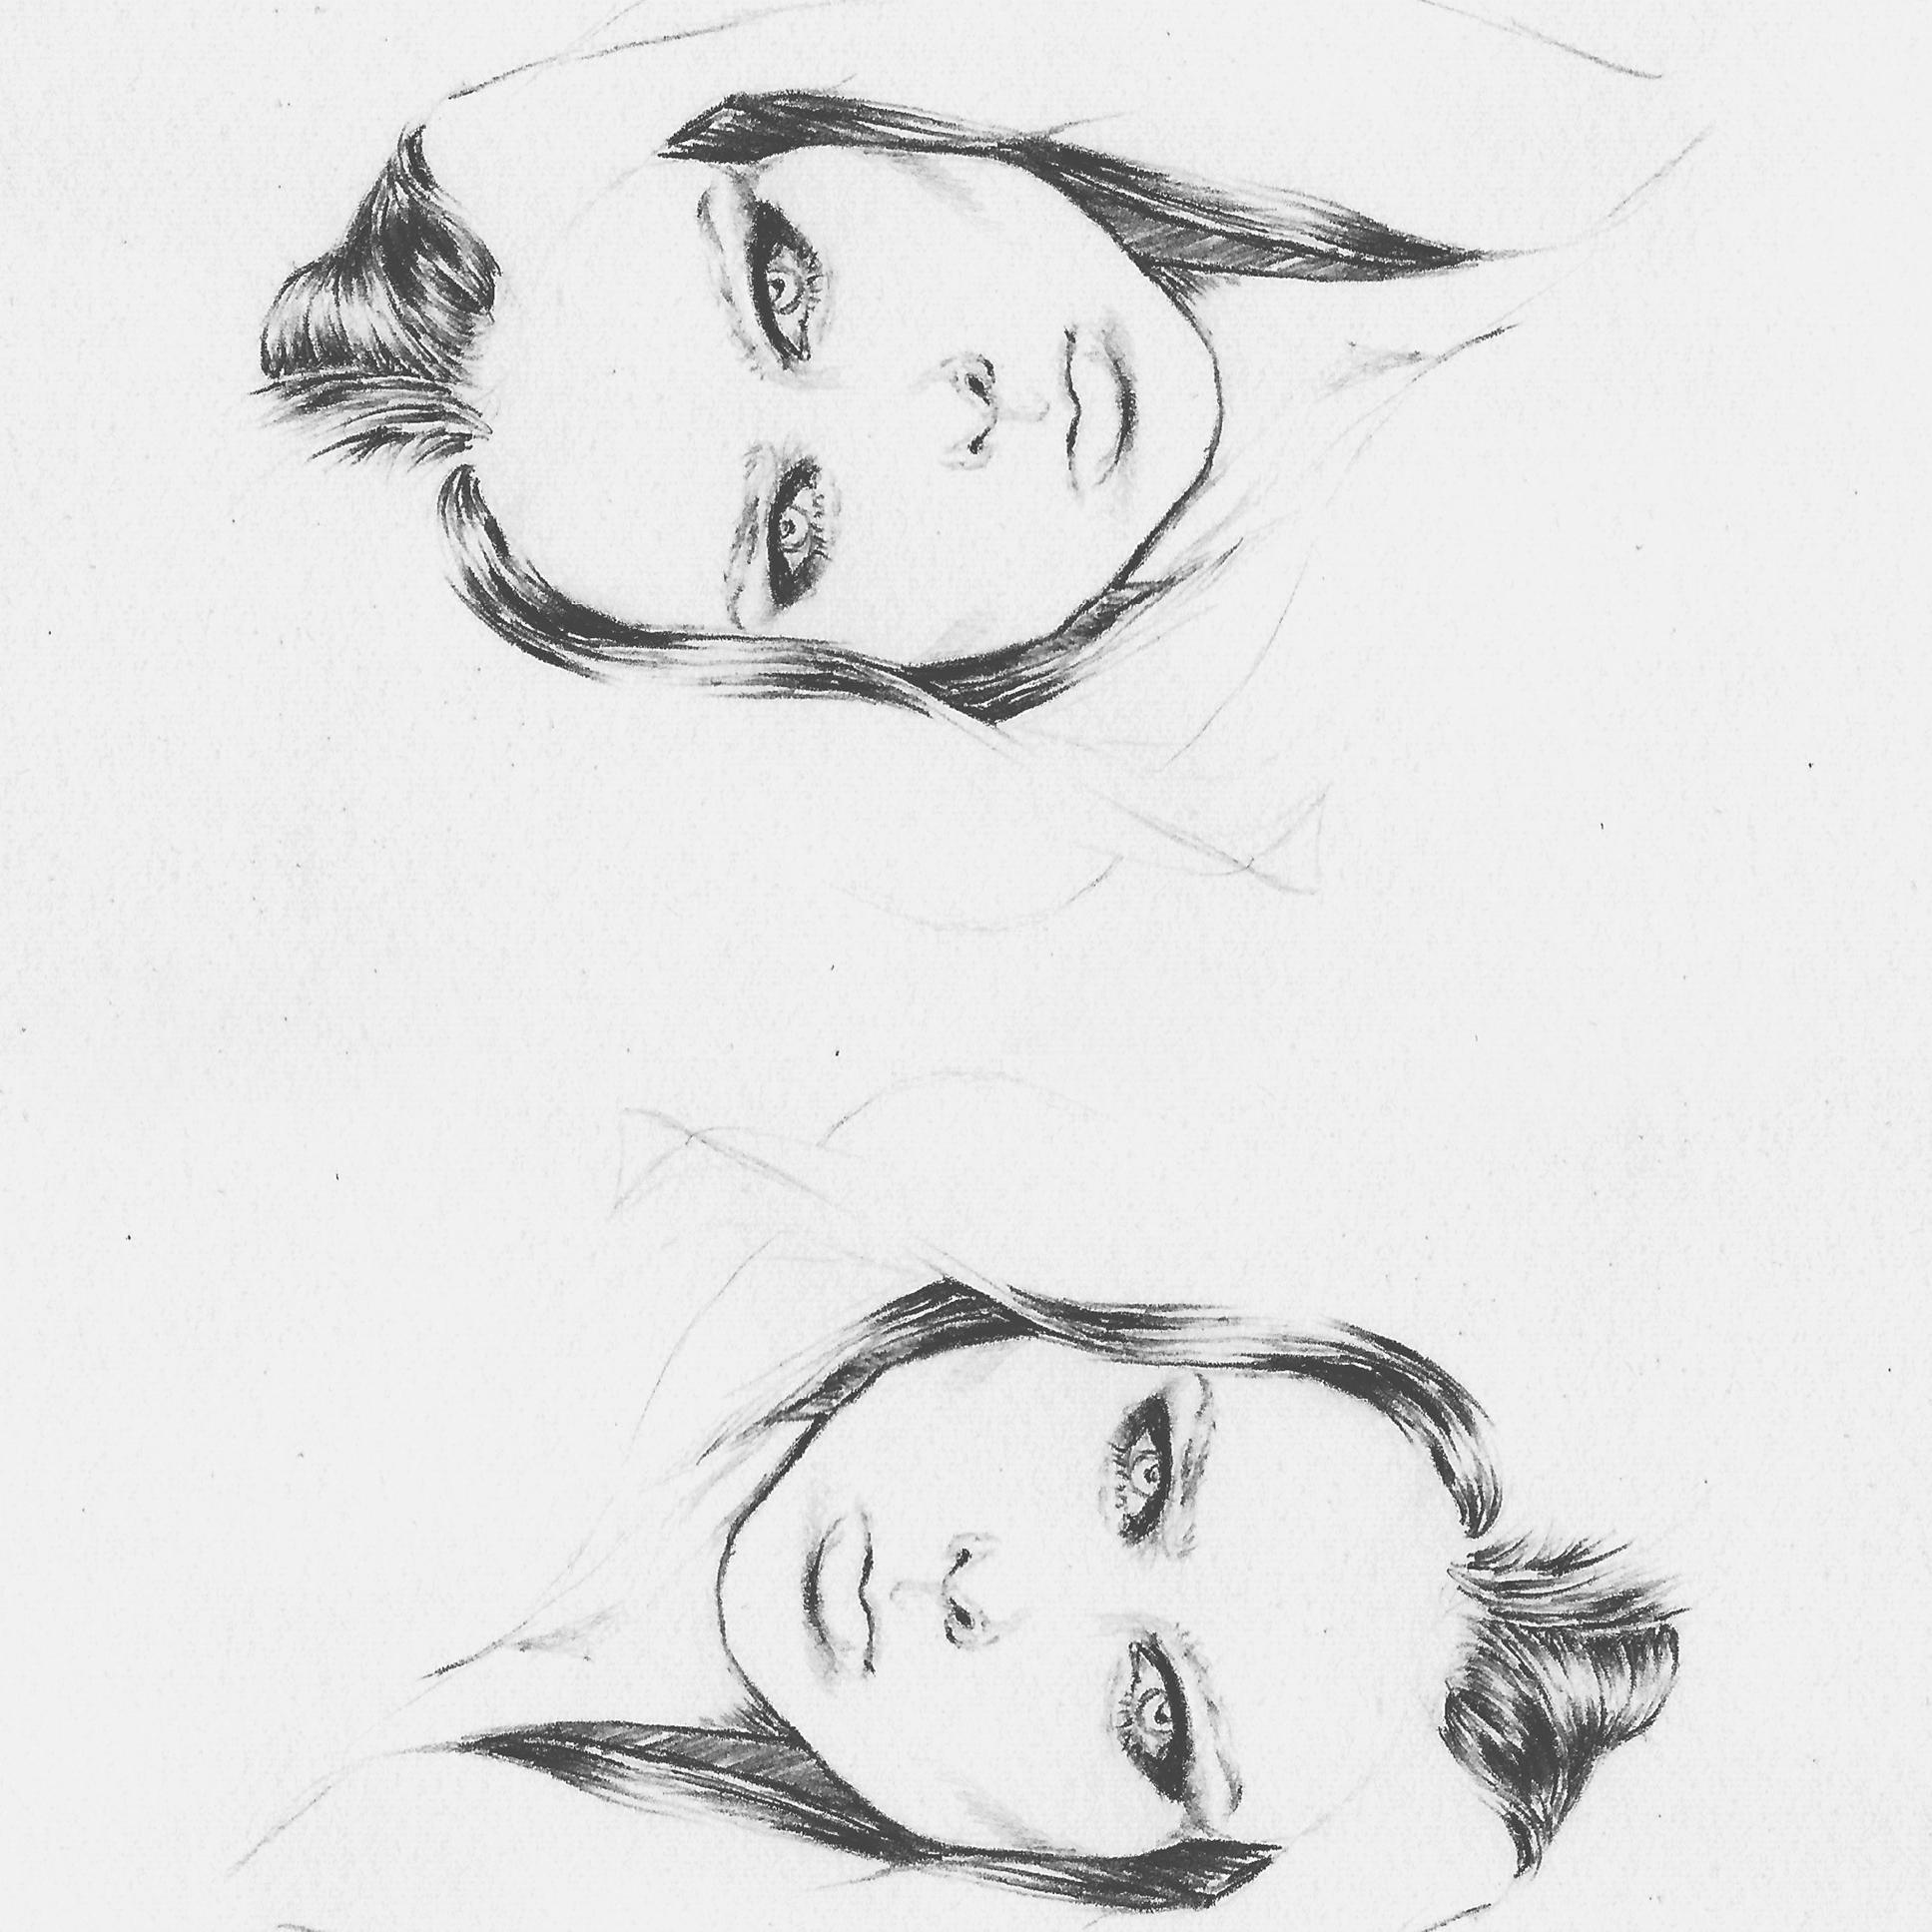 Dessin illustration Coco rocha